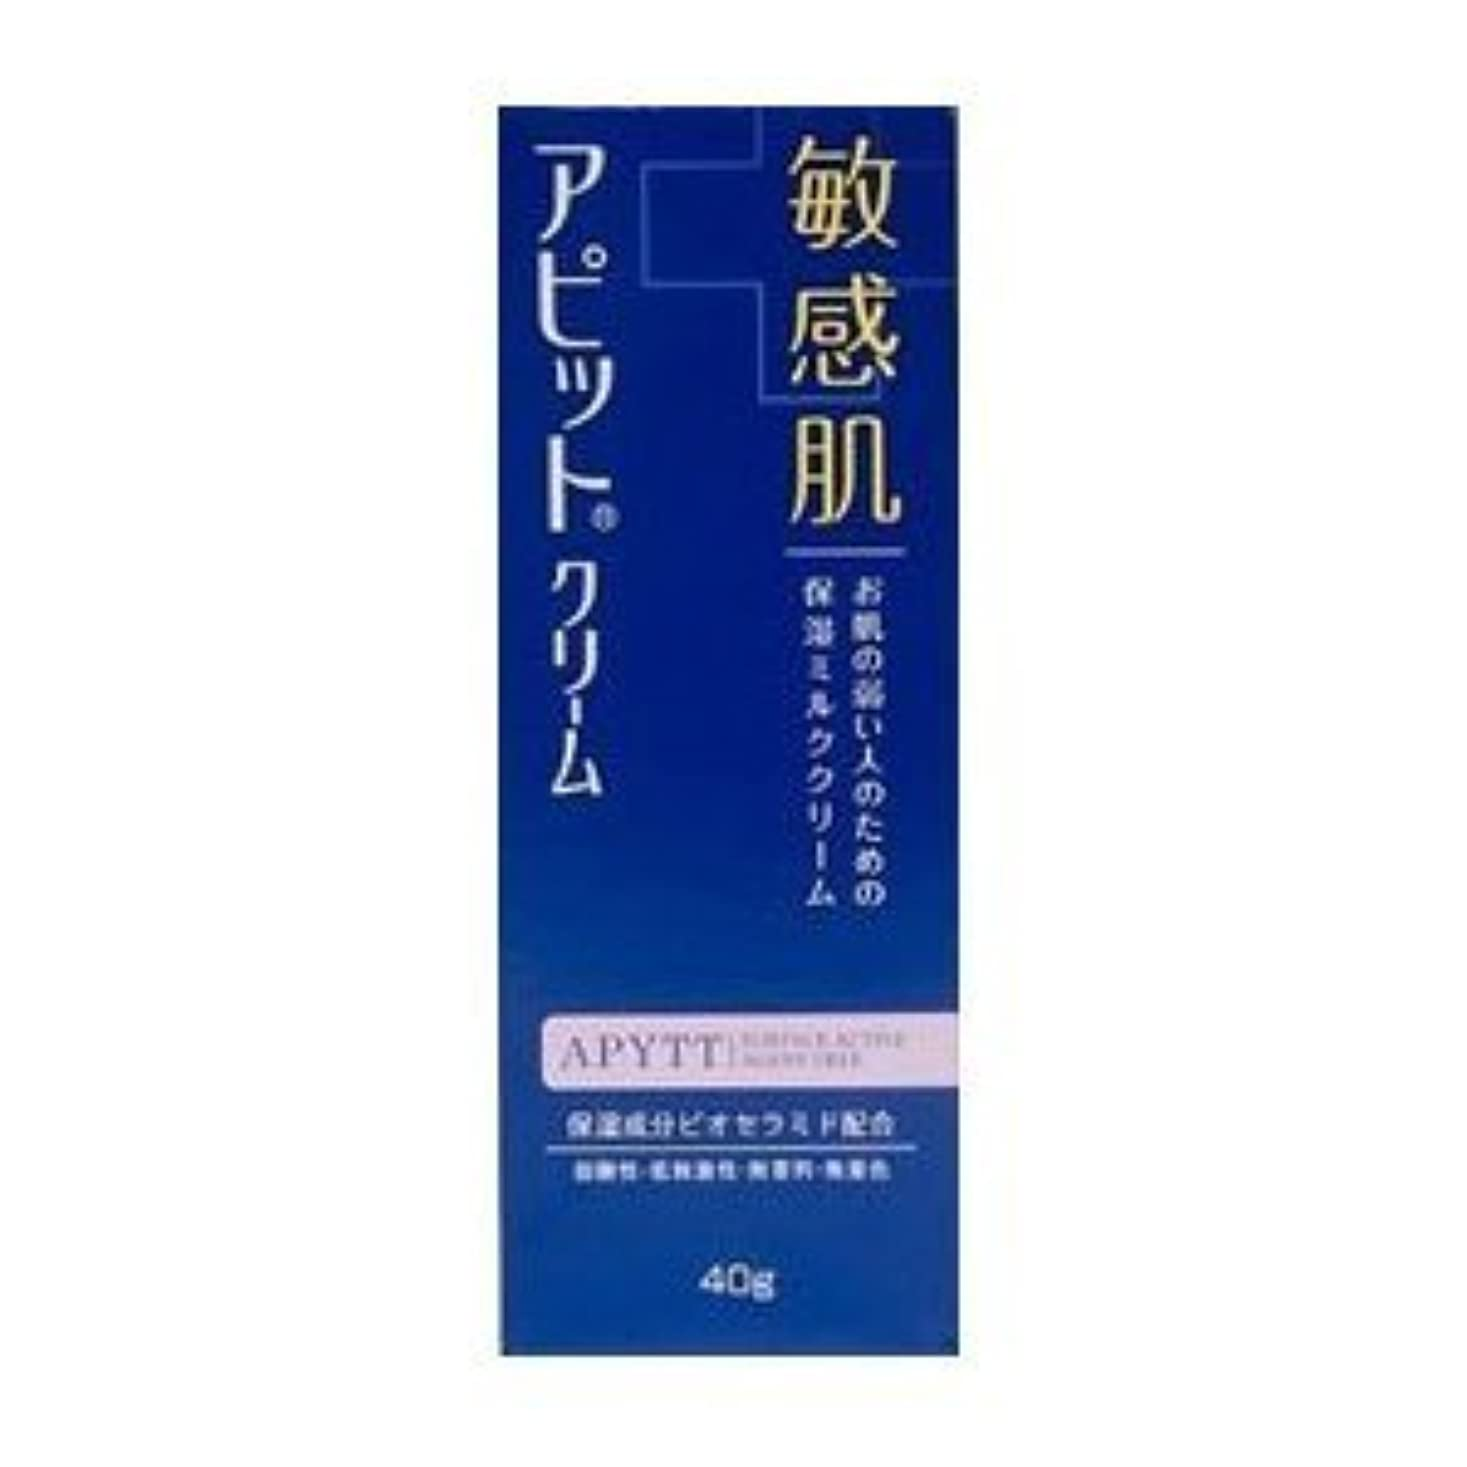 頑丈遊具ドル全薬工業 アピットクリーム 40g×3個セット (医薬部外品)